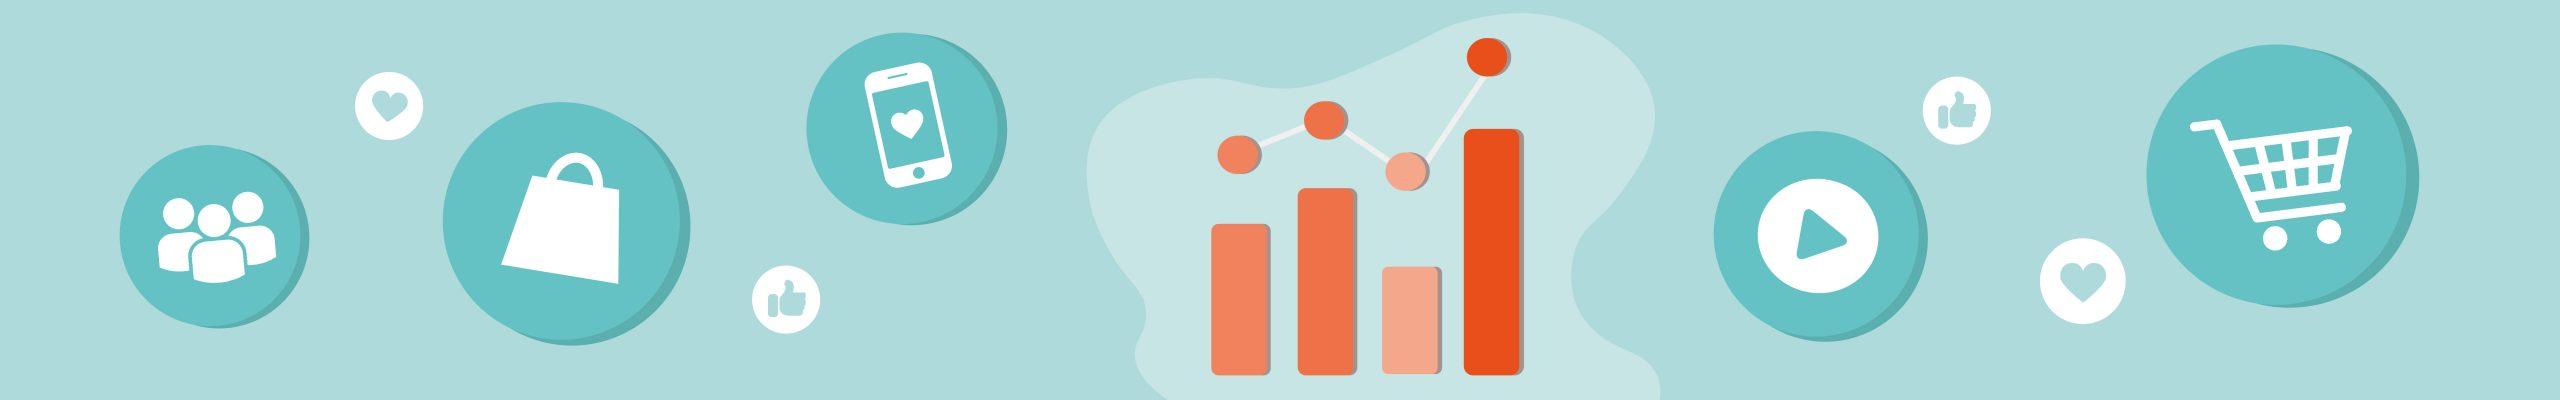 Fünf Social-Media-Marketing-Trends für 2021